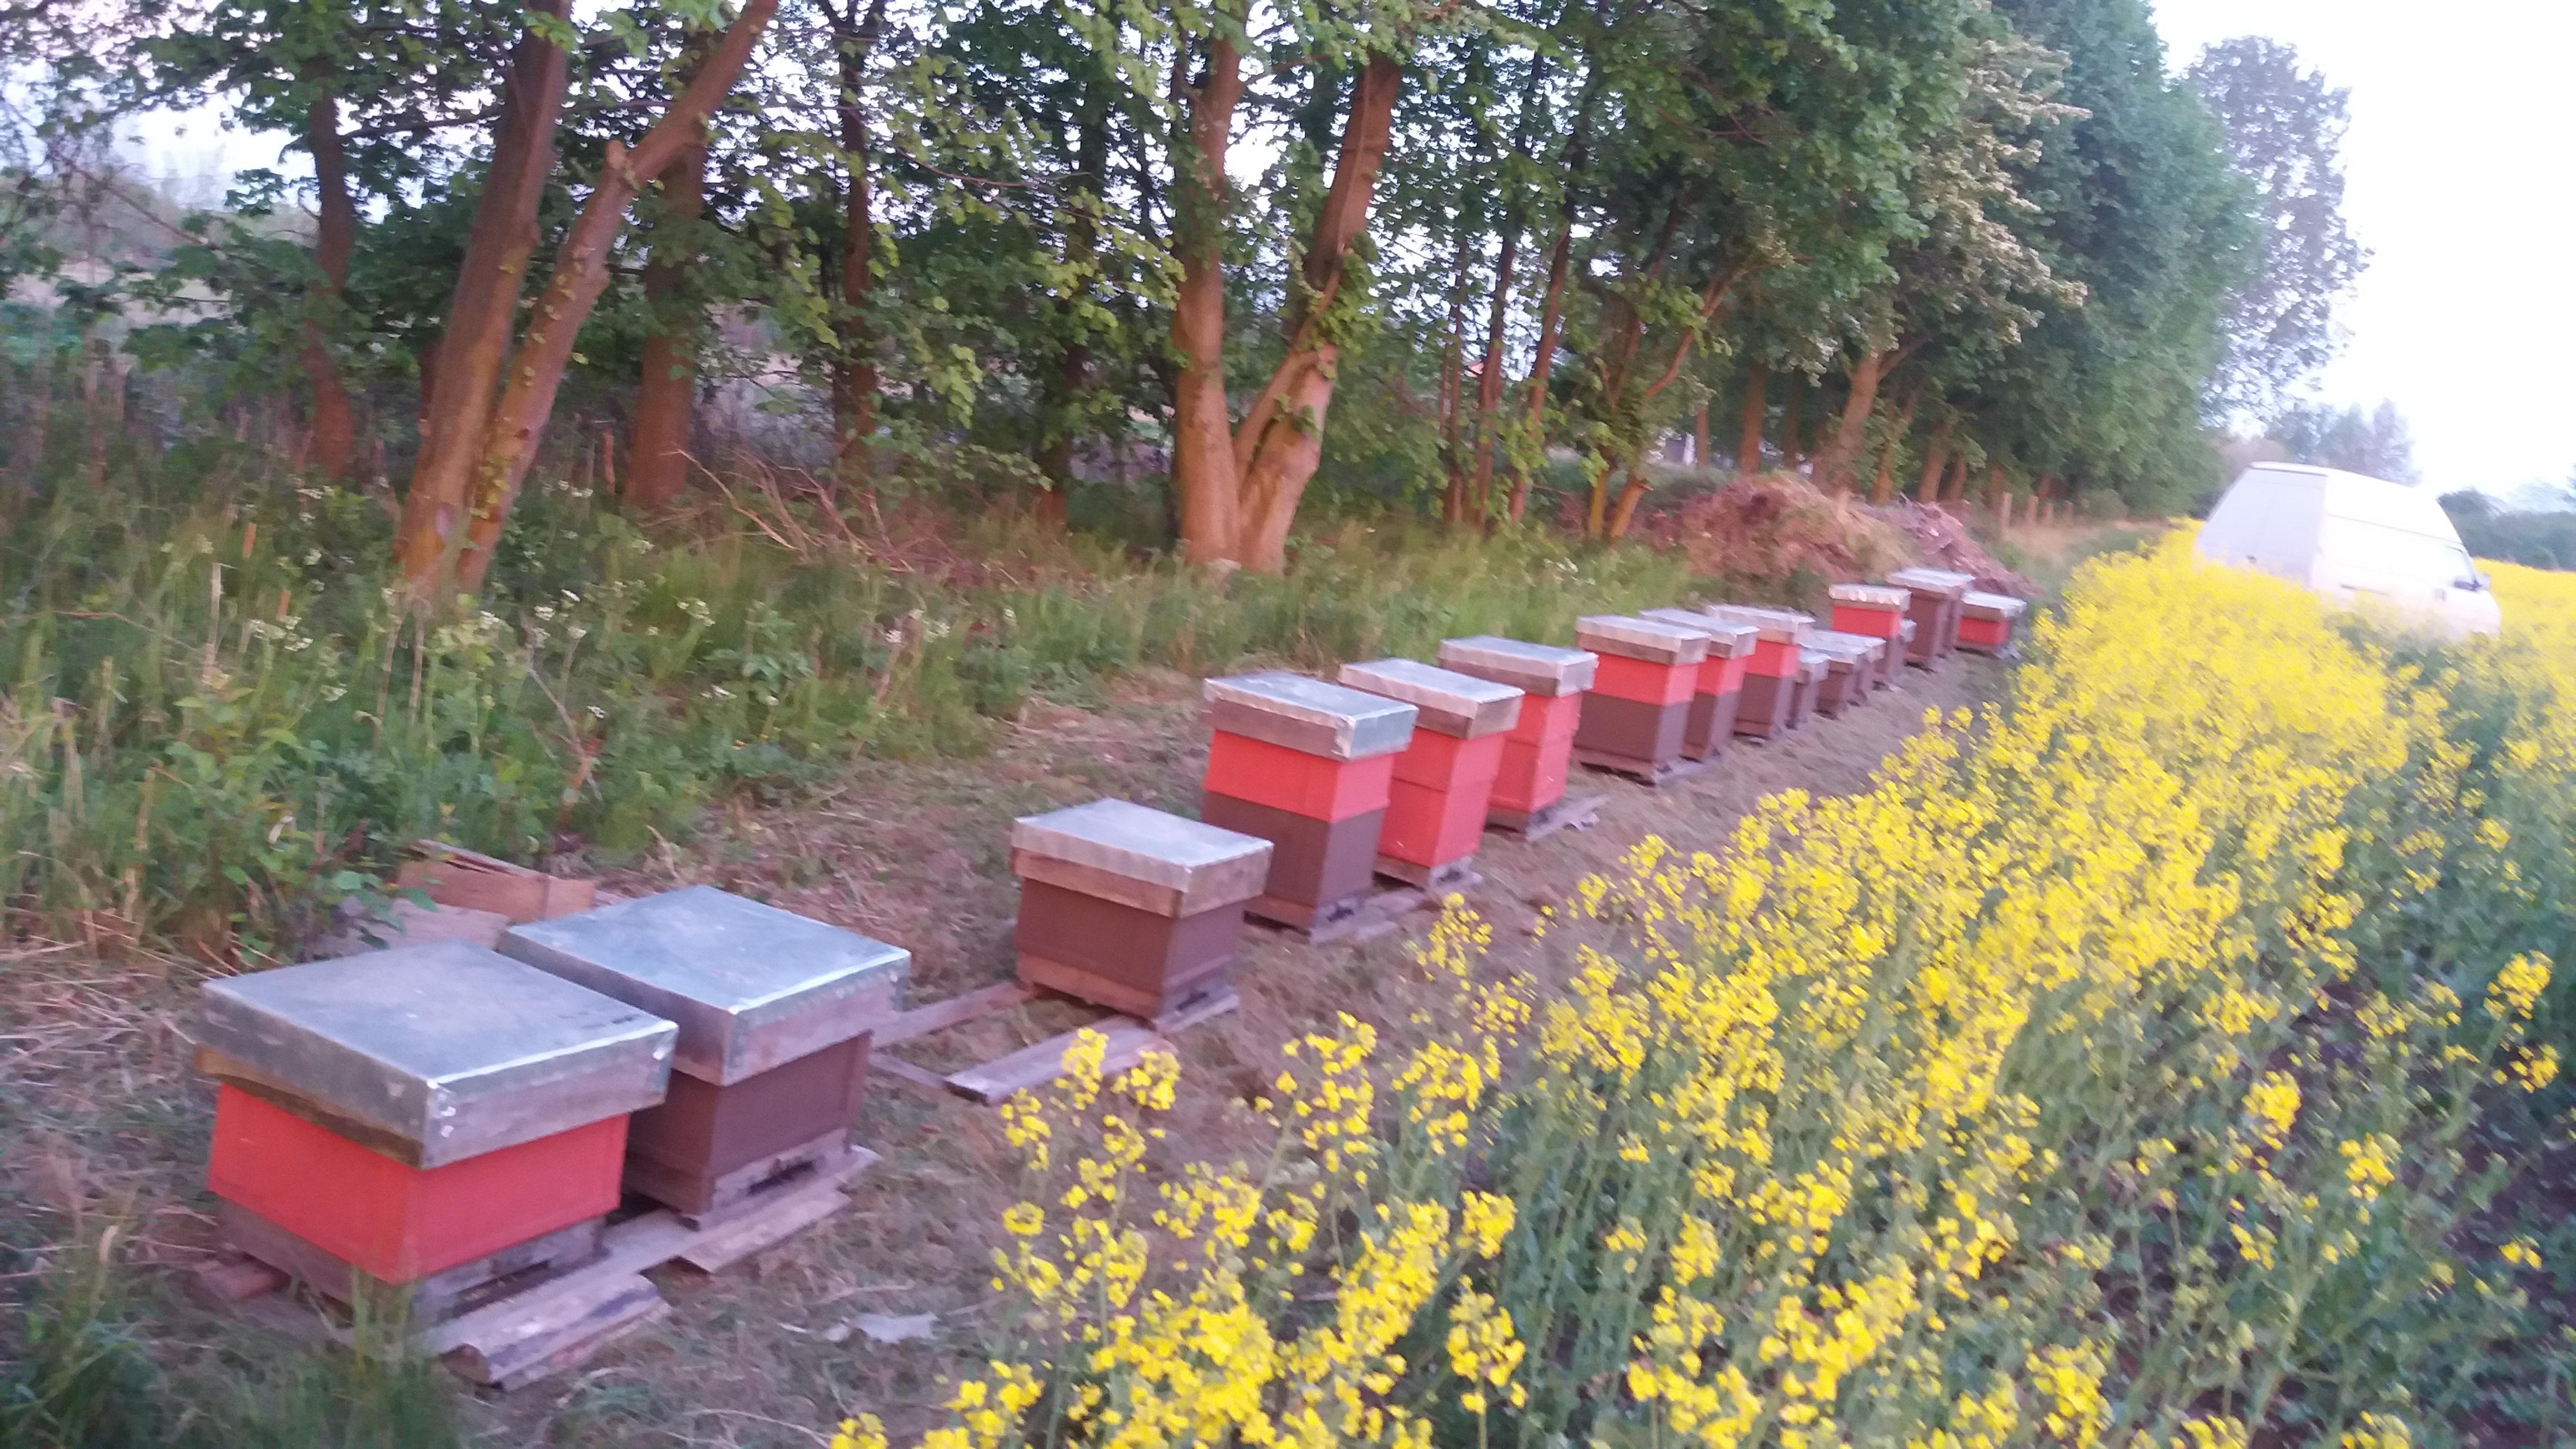 Jak pozyskuje się pyłek kwiatowy? Jak pszczoły go zbierają?